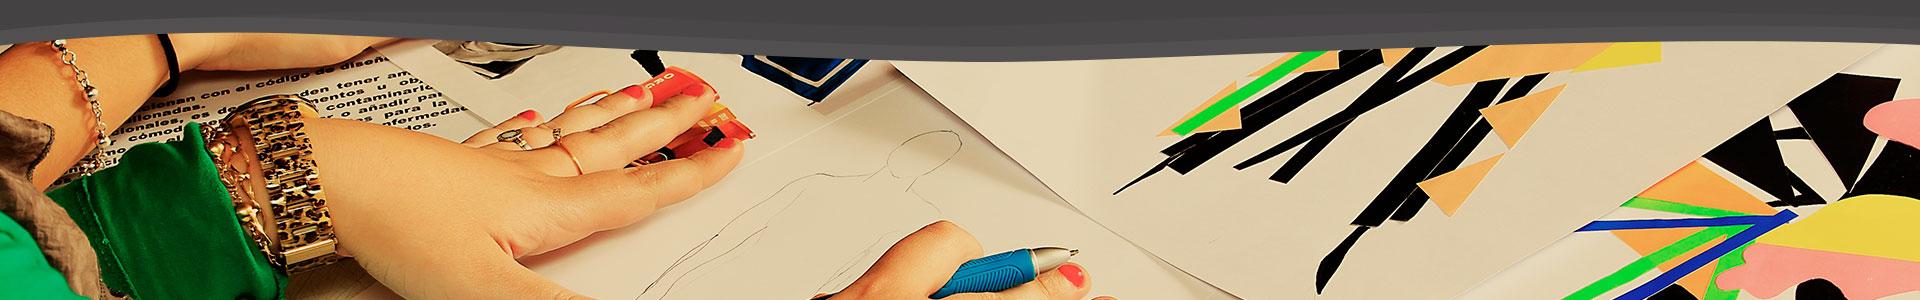 Licenciatura en Diseño de Modas - Universidad ORT Uruguay